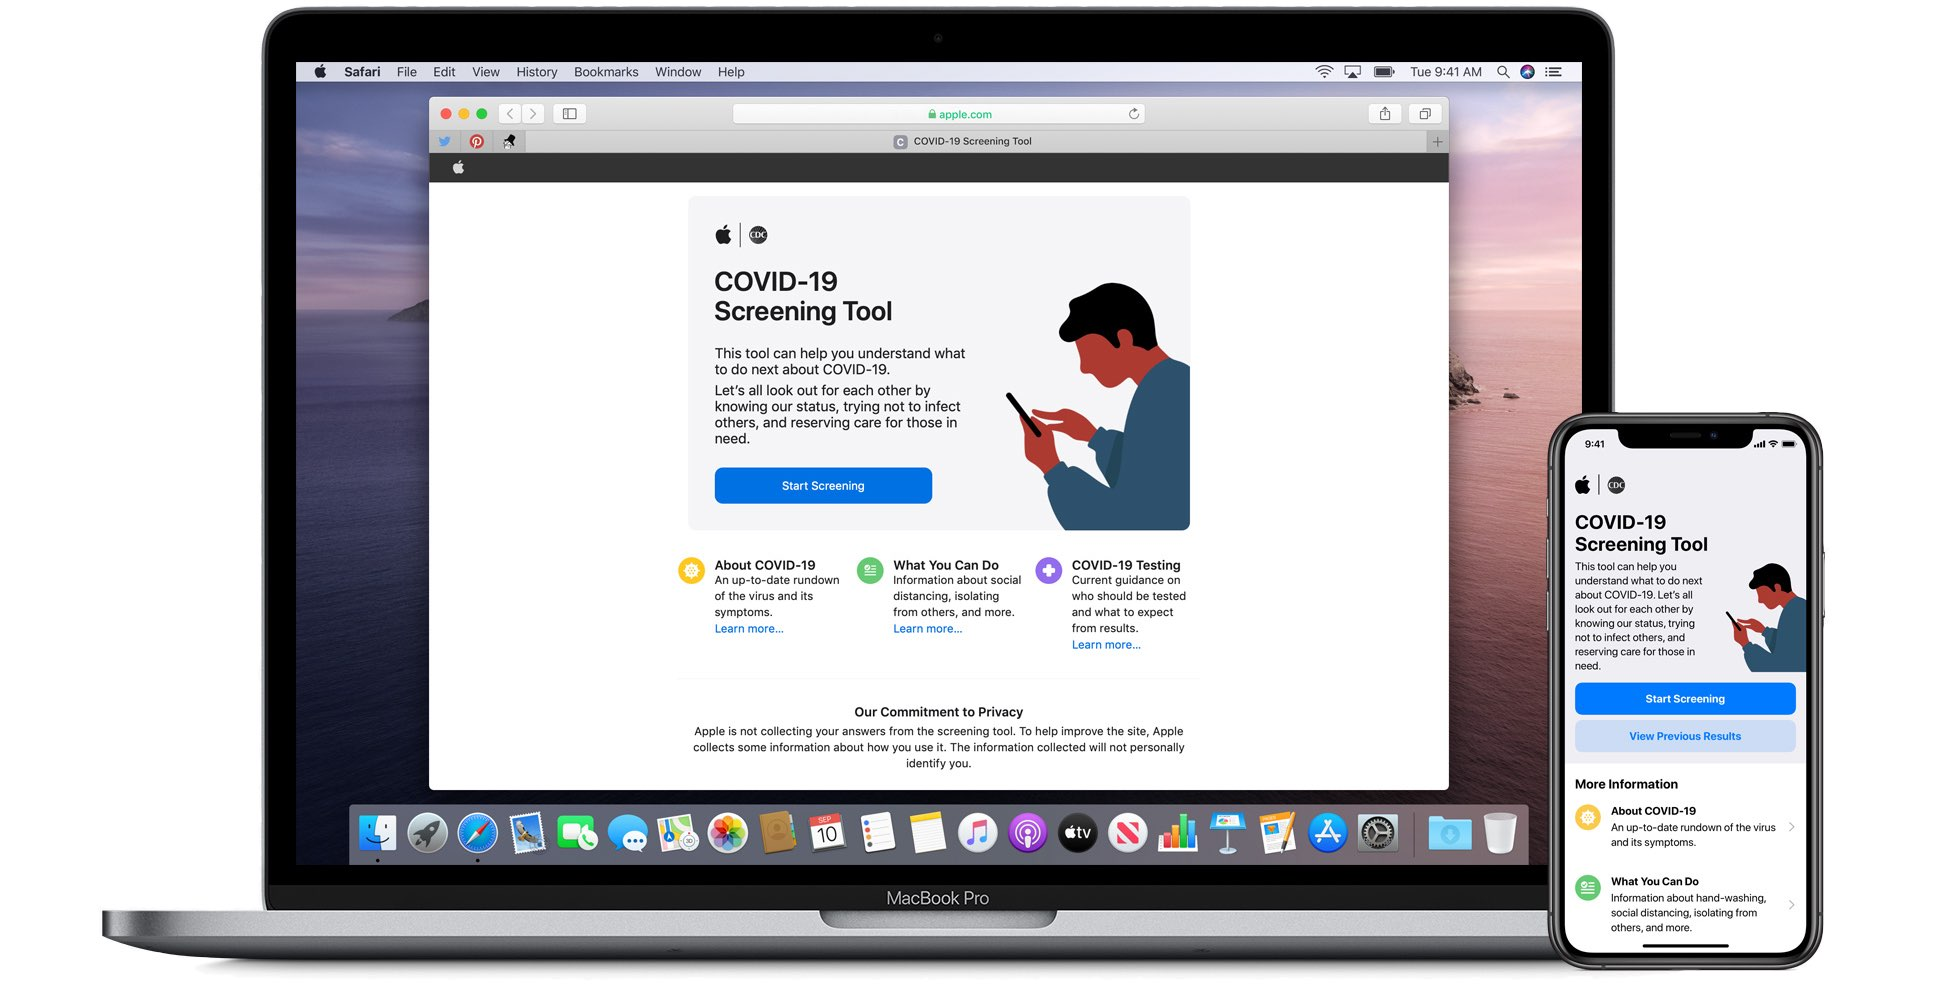 Apple  julkaisee erityisen sovelluksen ja verkkosivuston COVID-19, joka perustuu CDC-ohjeisiin 1